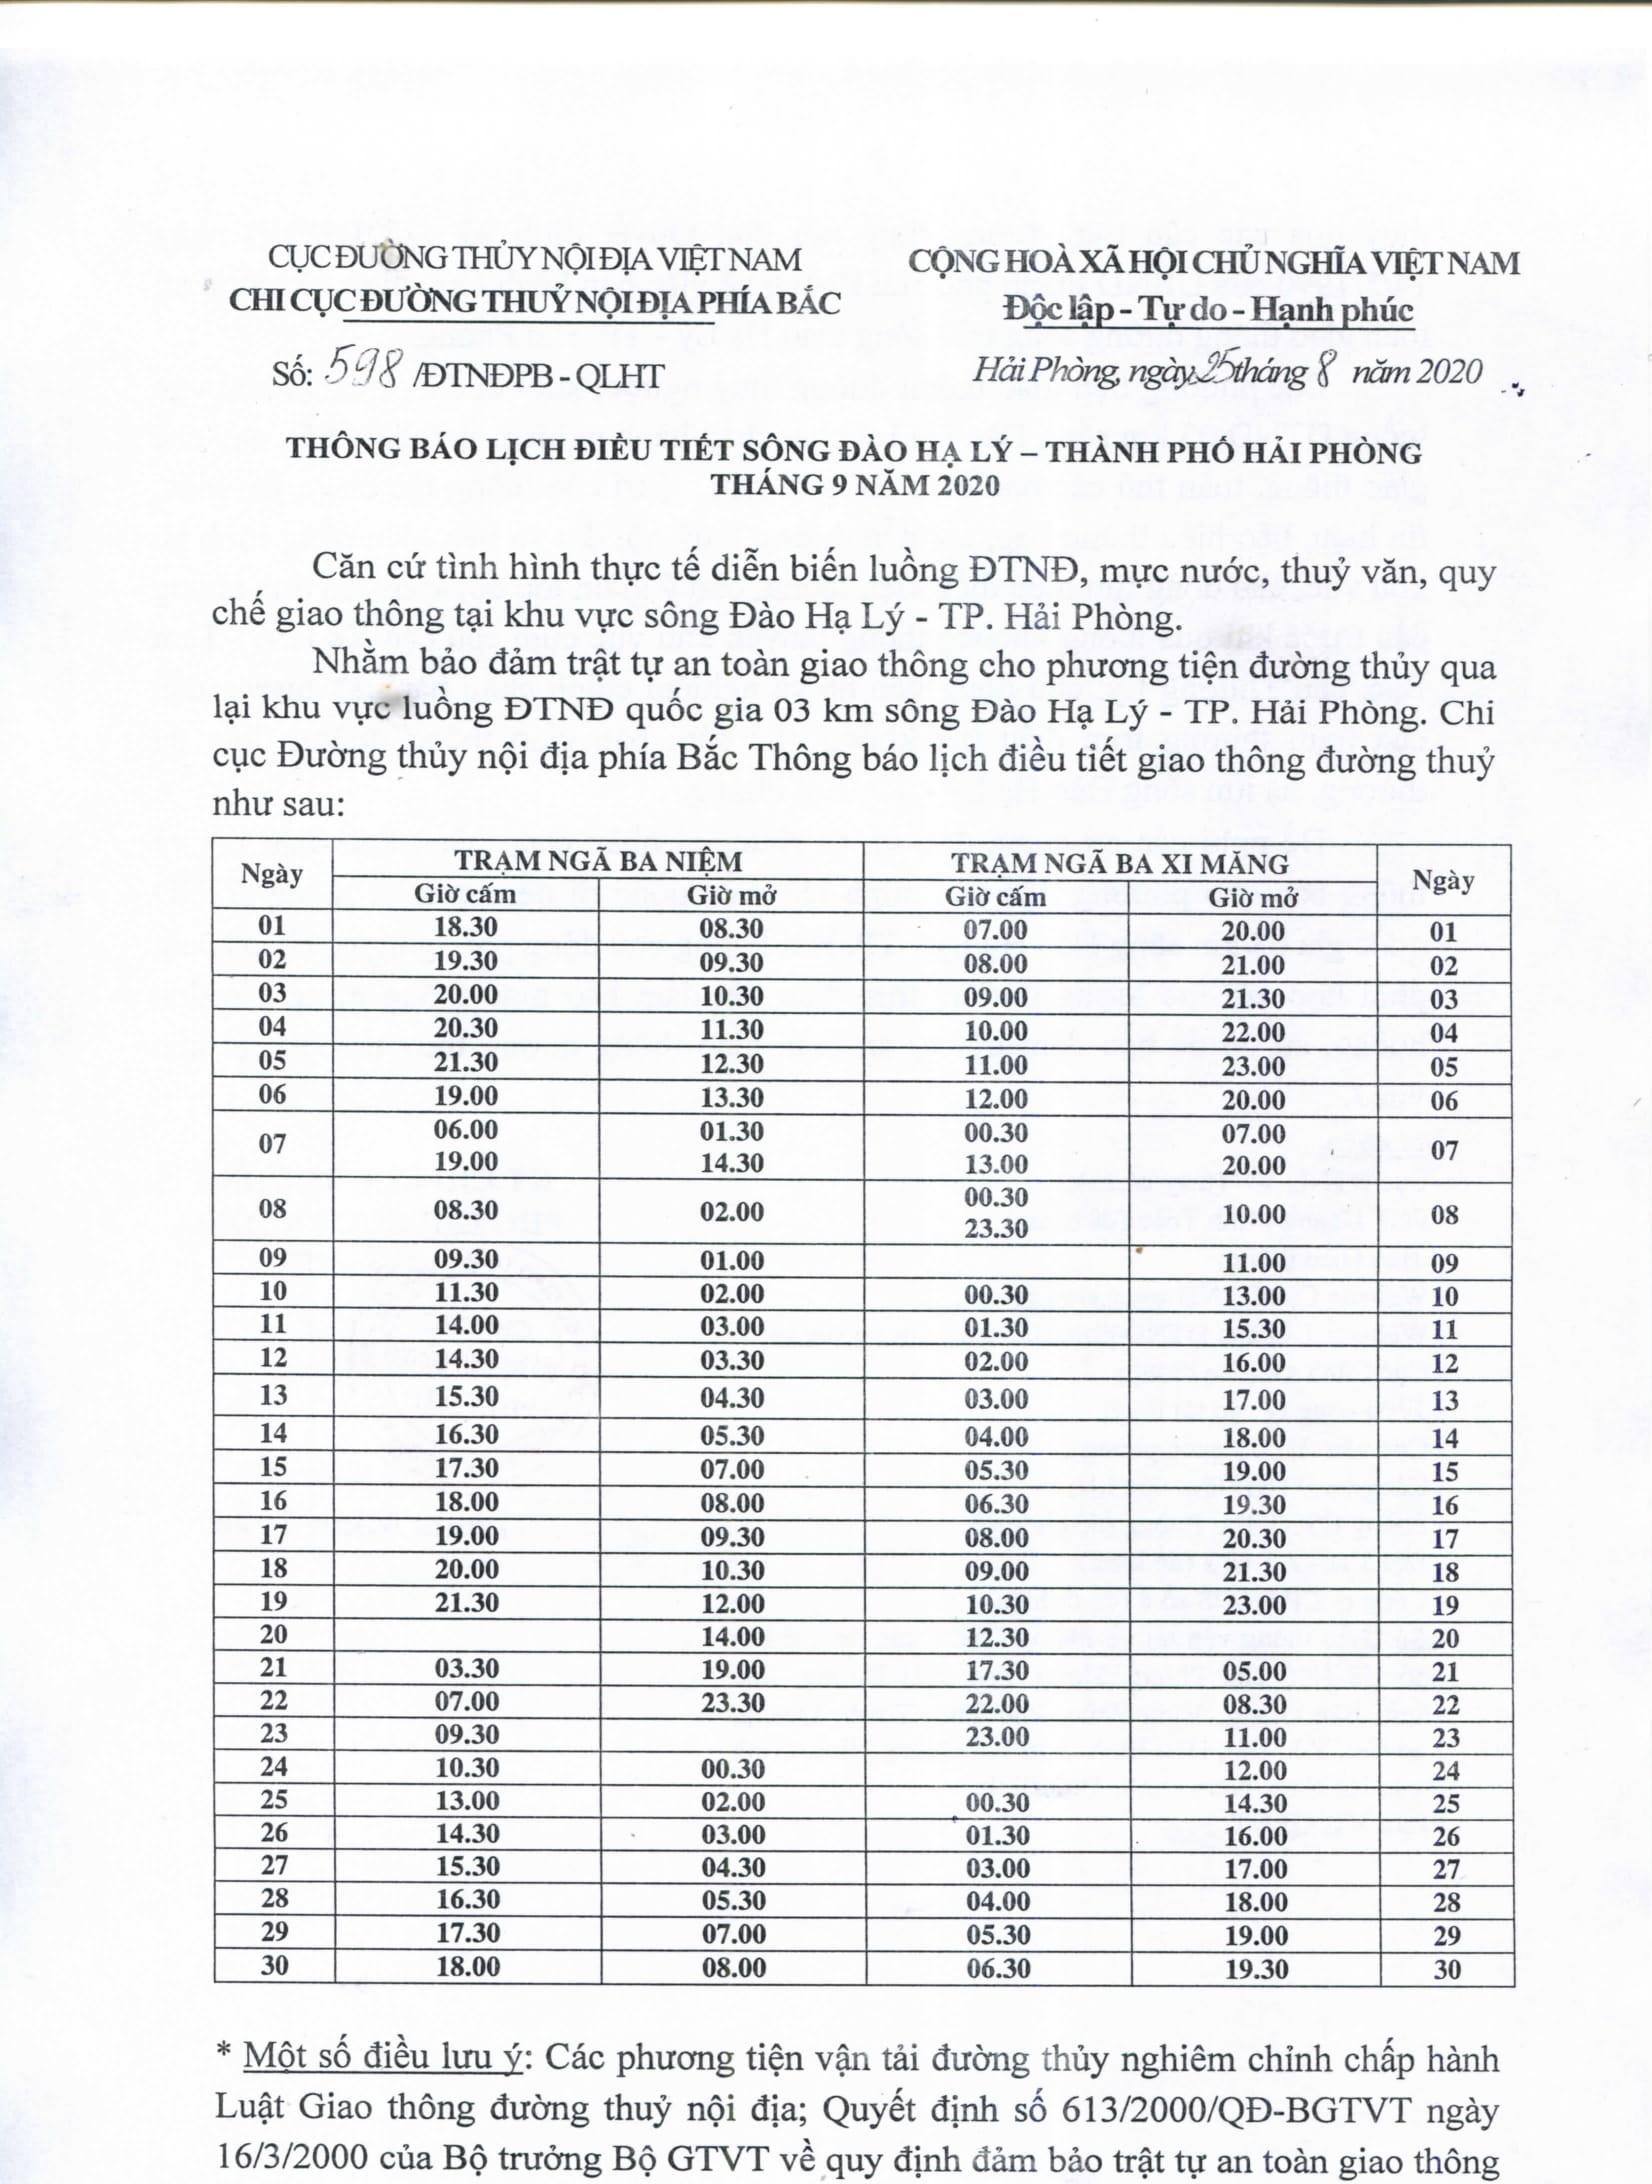 Thông báo lịch điều tiết sông Đào Hạ Lý - TP Hải Phòng tháng 09/2020